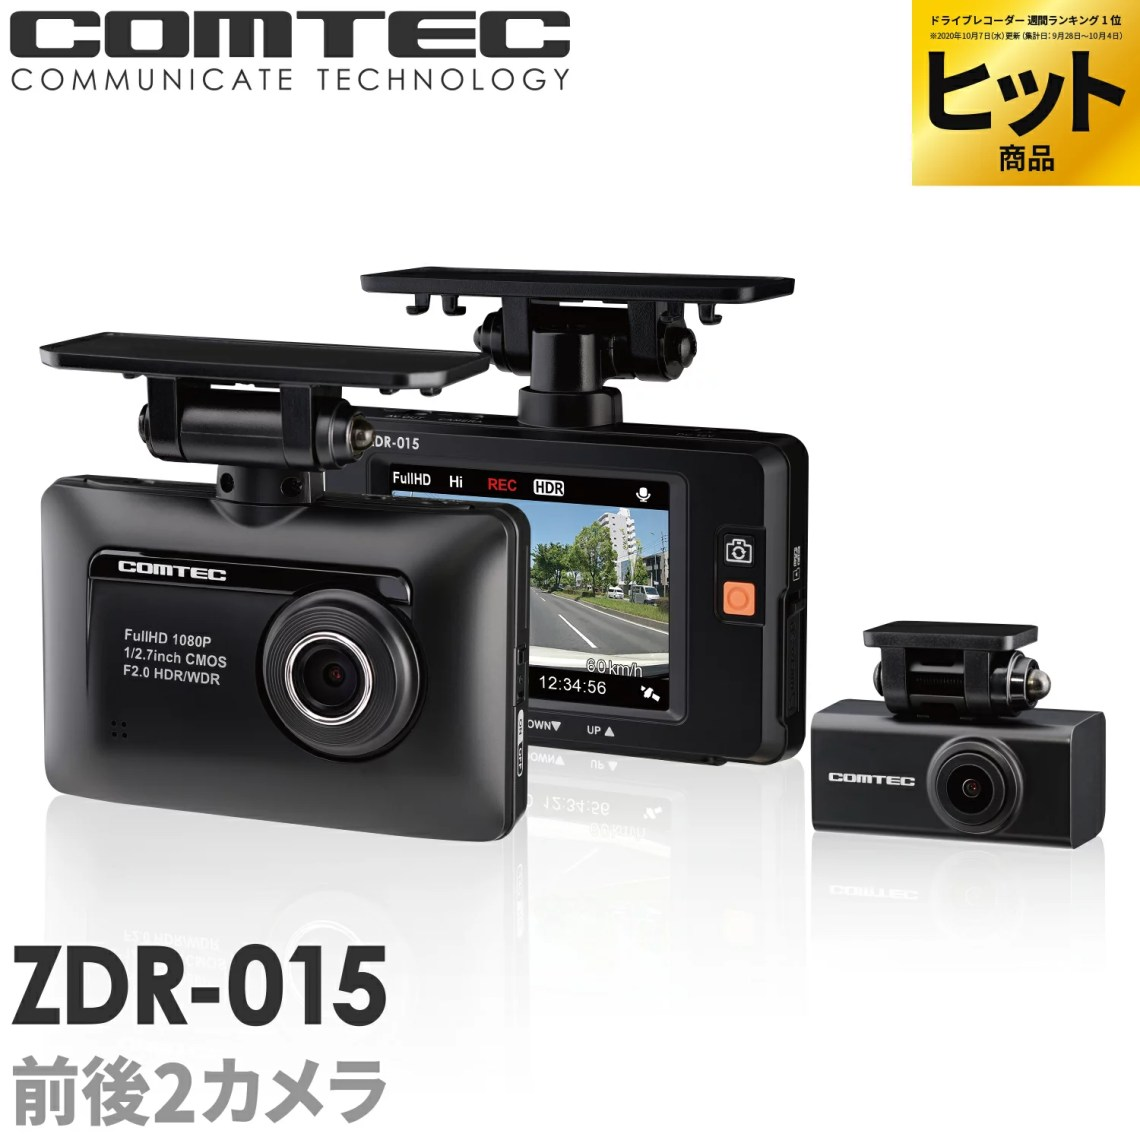 ドライブレコーダー 前後2カメラ コムテック ZDR-015 ノイズ対策済 フルHD高画質 常時 衝